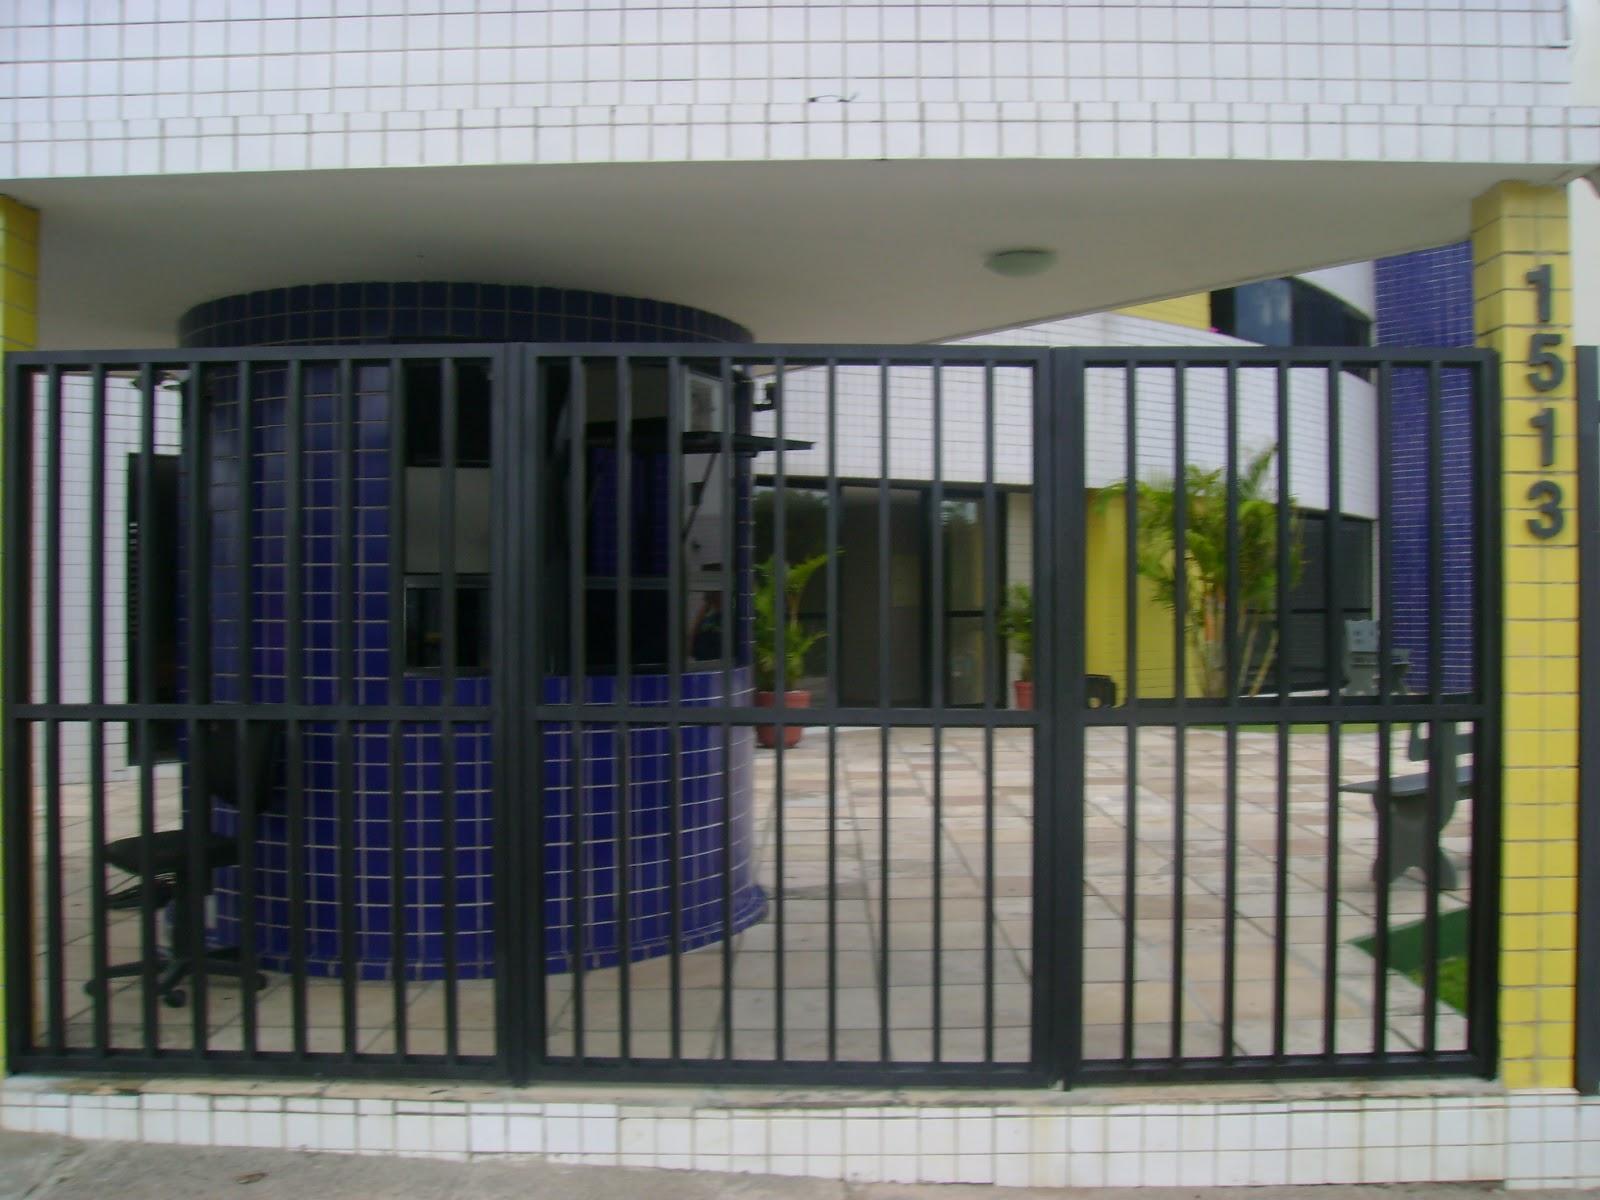 #958C36 METALPLAST Esquadrias Forros e Divisórias: Portão em Alumínio 4414 Janela Aluminio Maxim Ar Serie 25